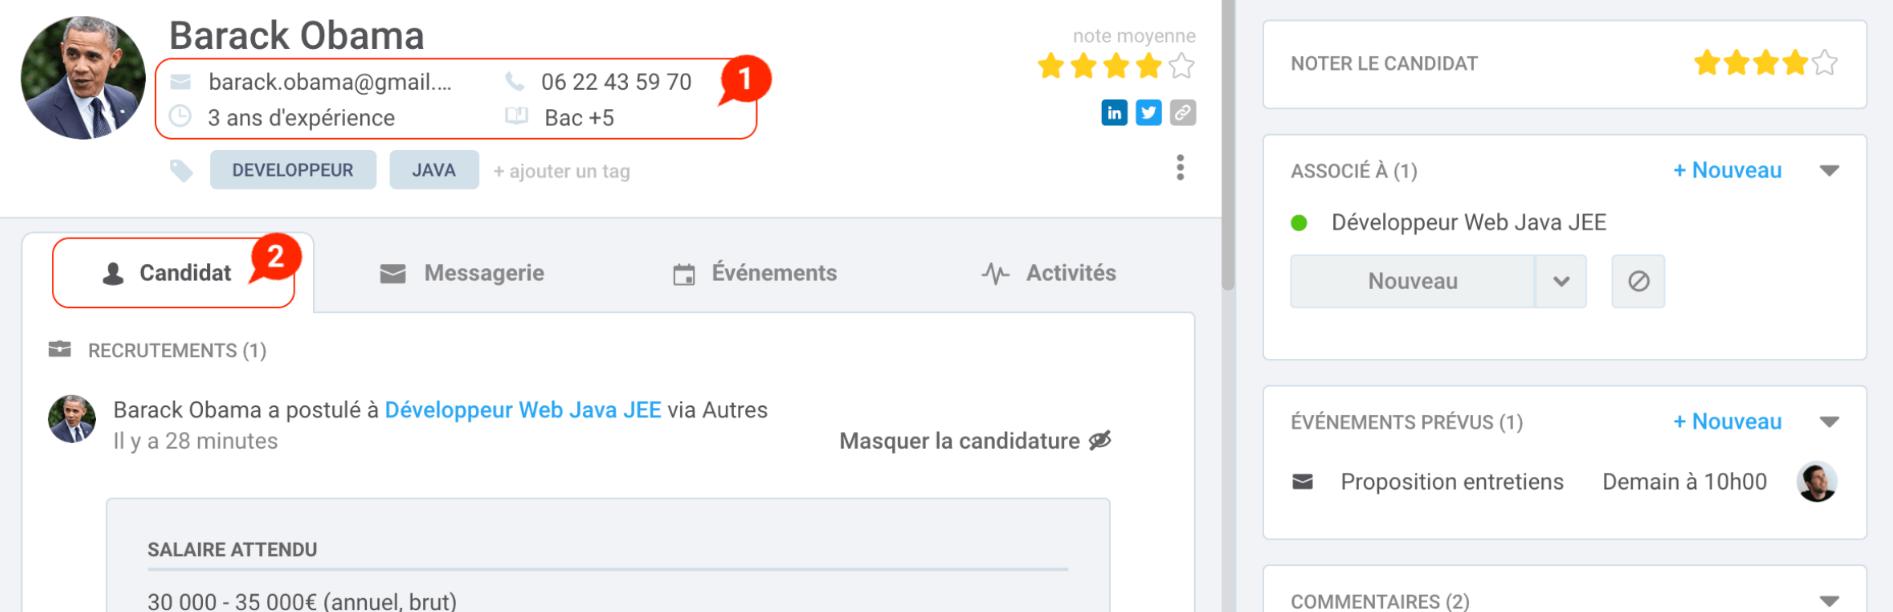 Analyser_fiche_candidat